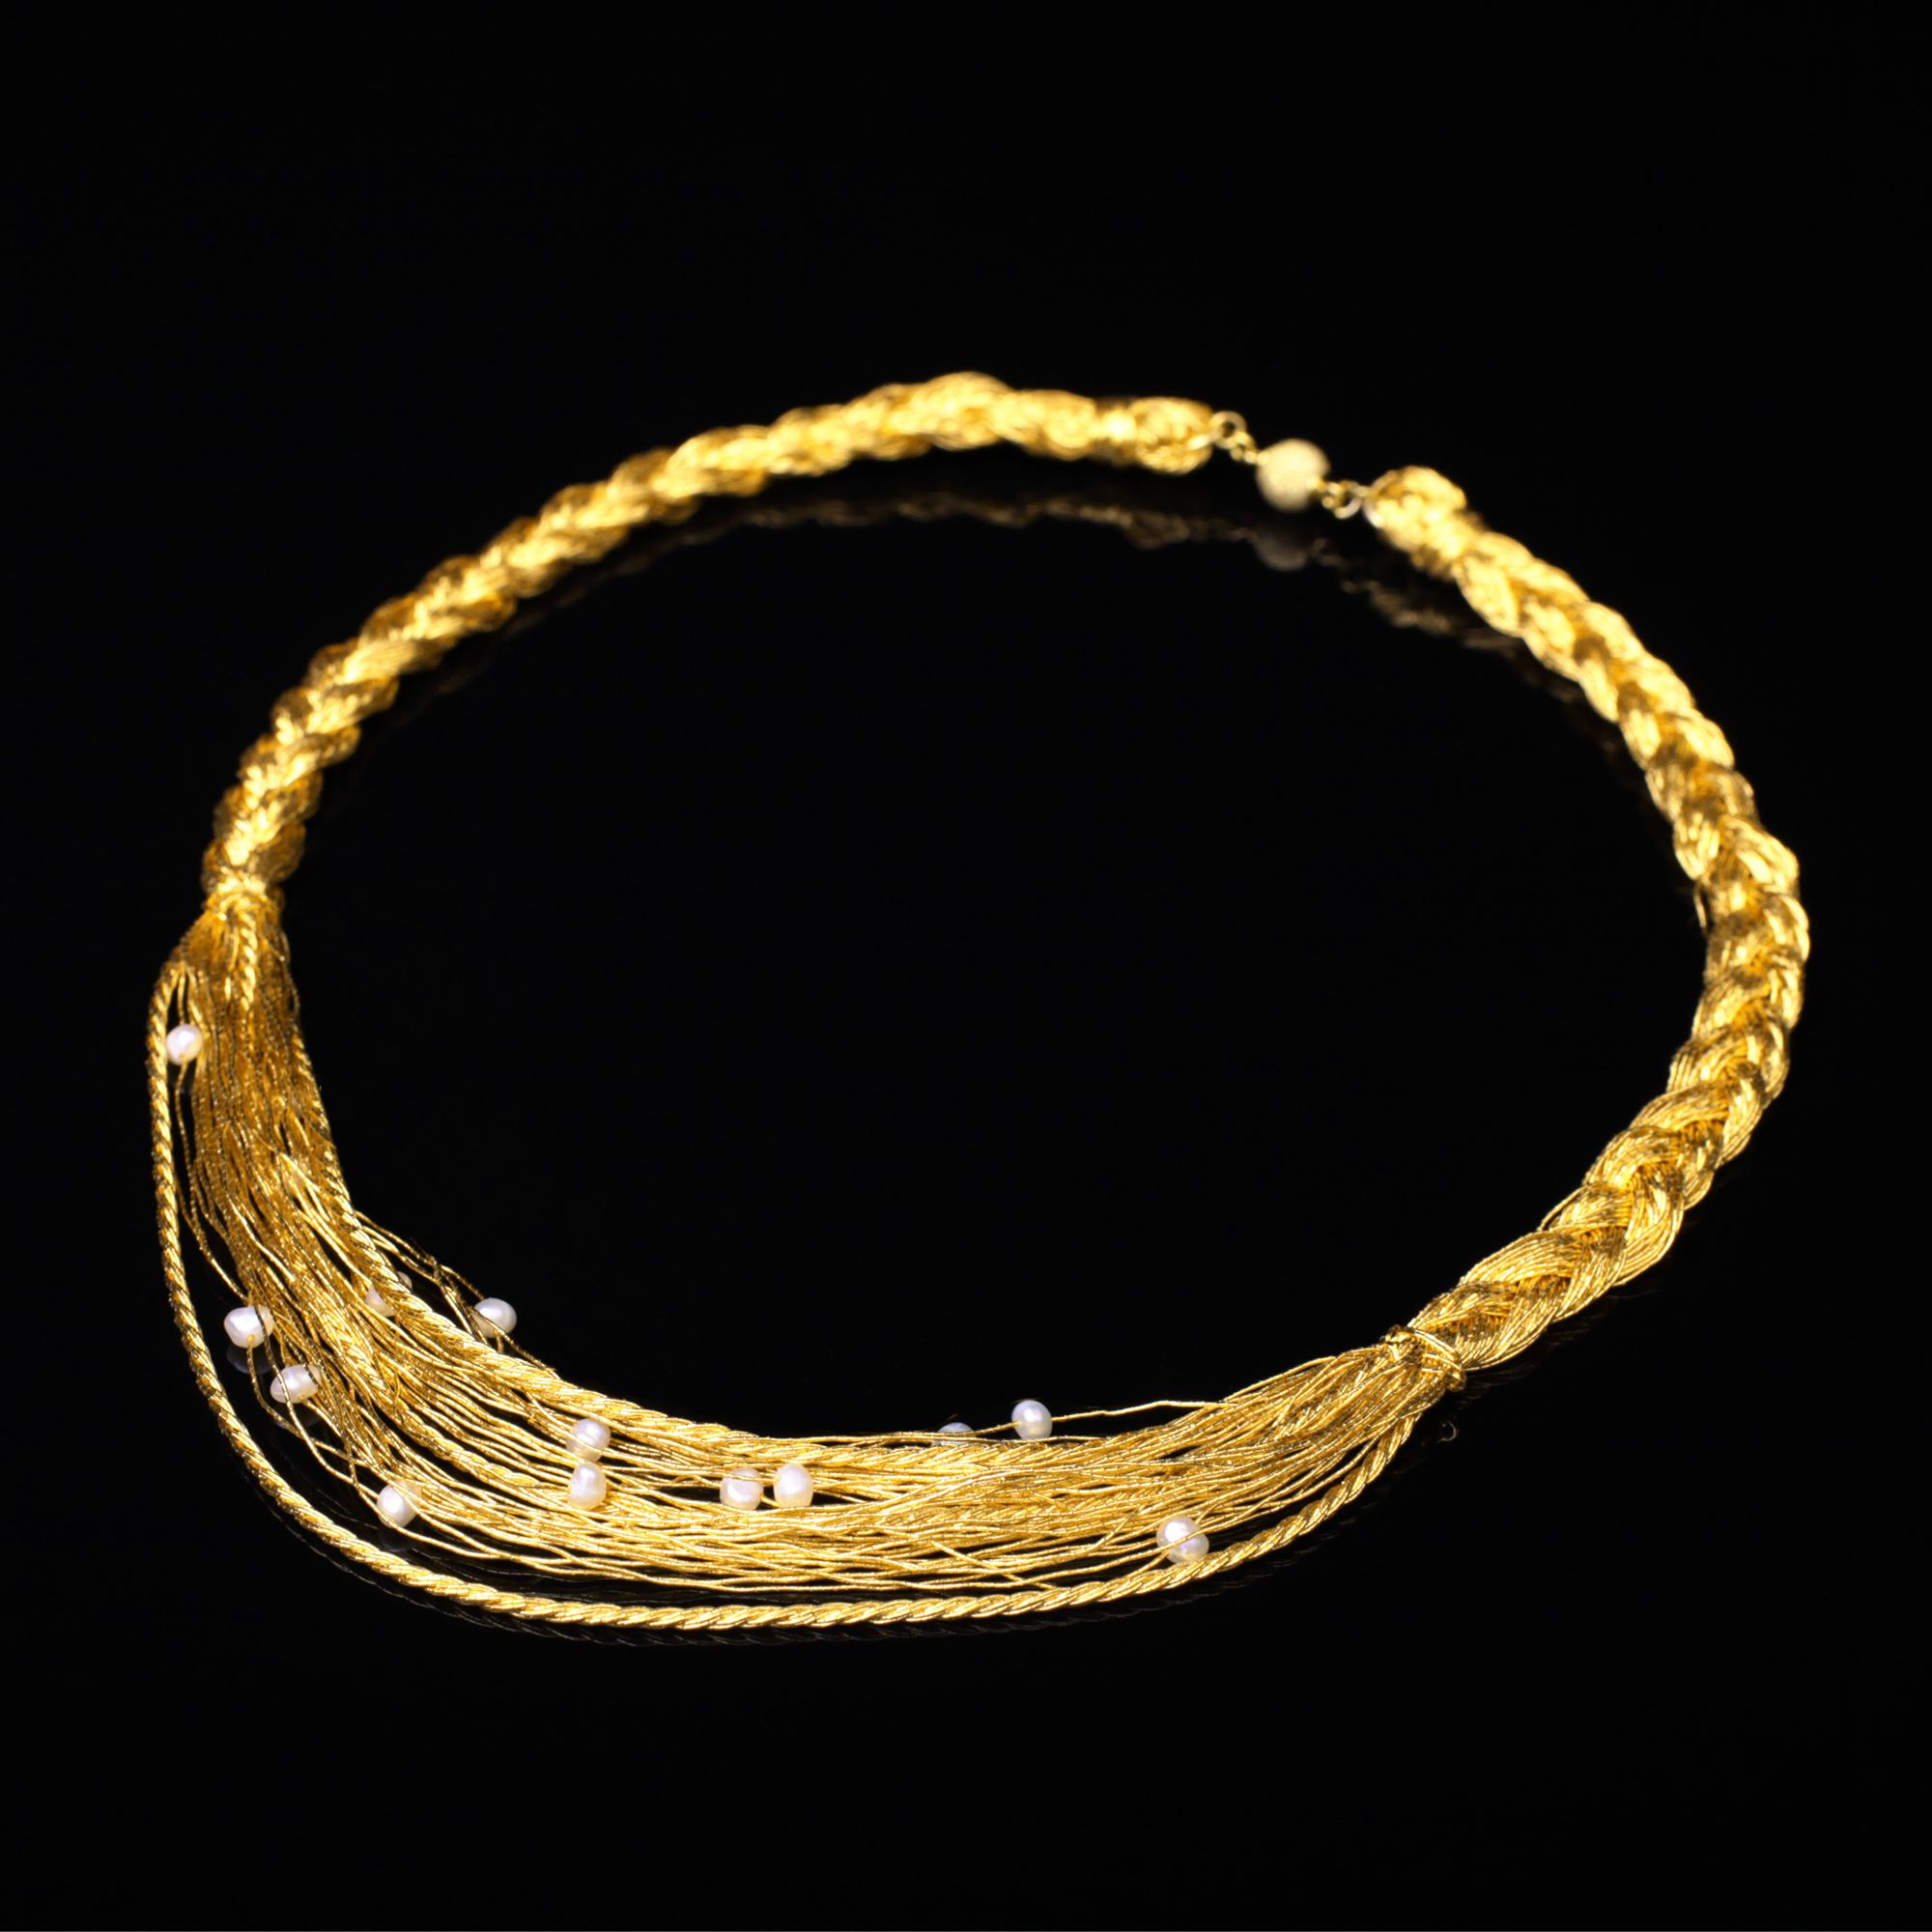 宝石パール(真珠)を使った和の彩 金銀糸ネックレス/ペンダントの商品写真です。型番:658-908 画像その1